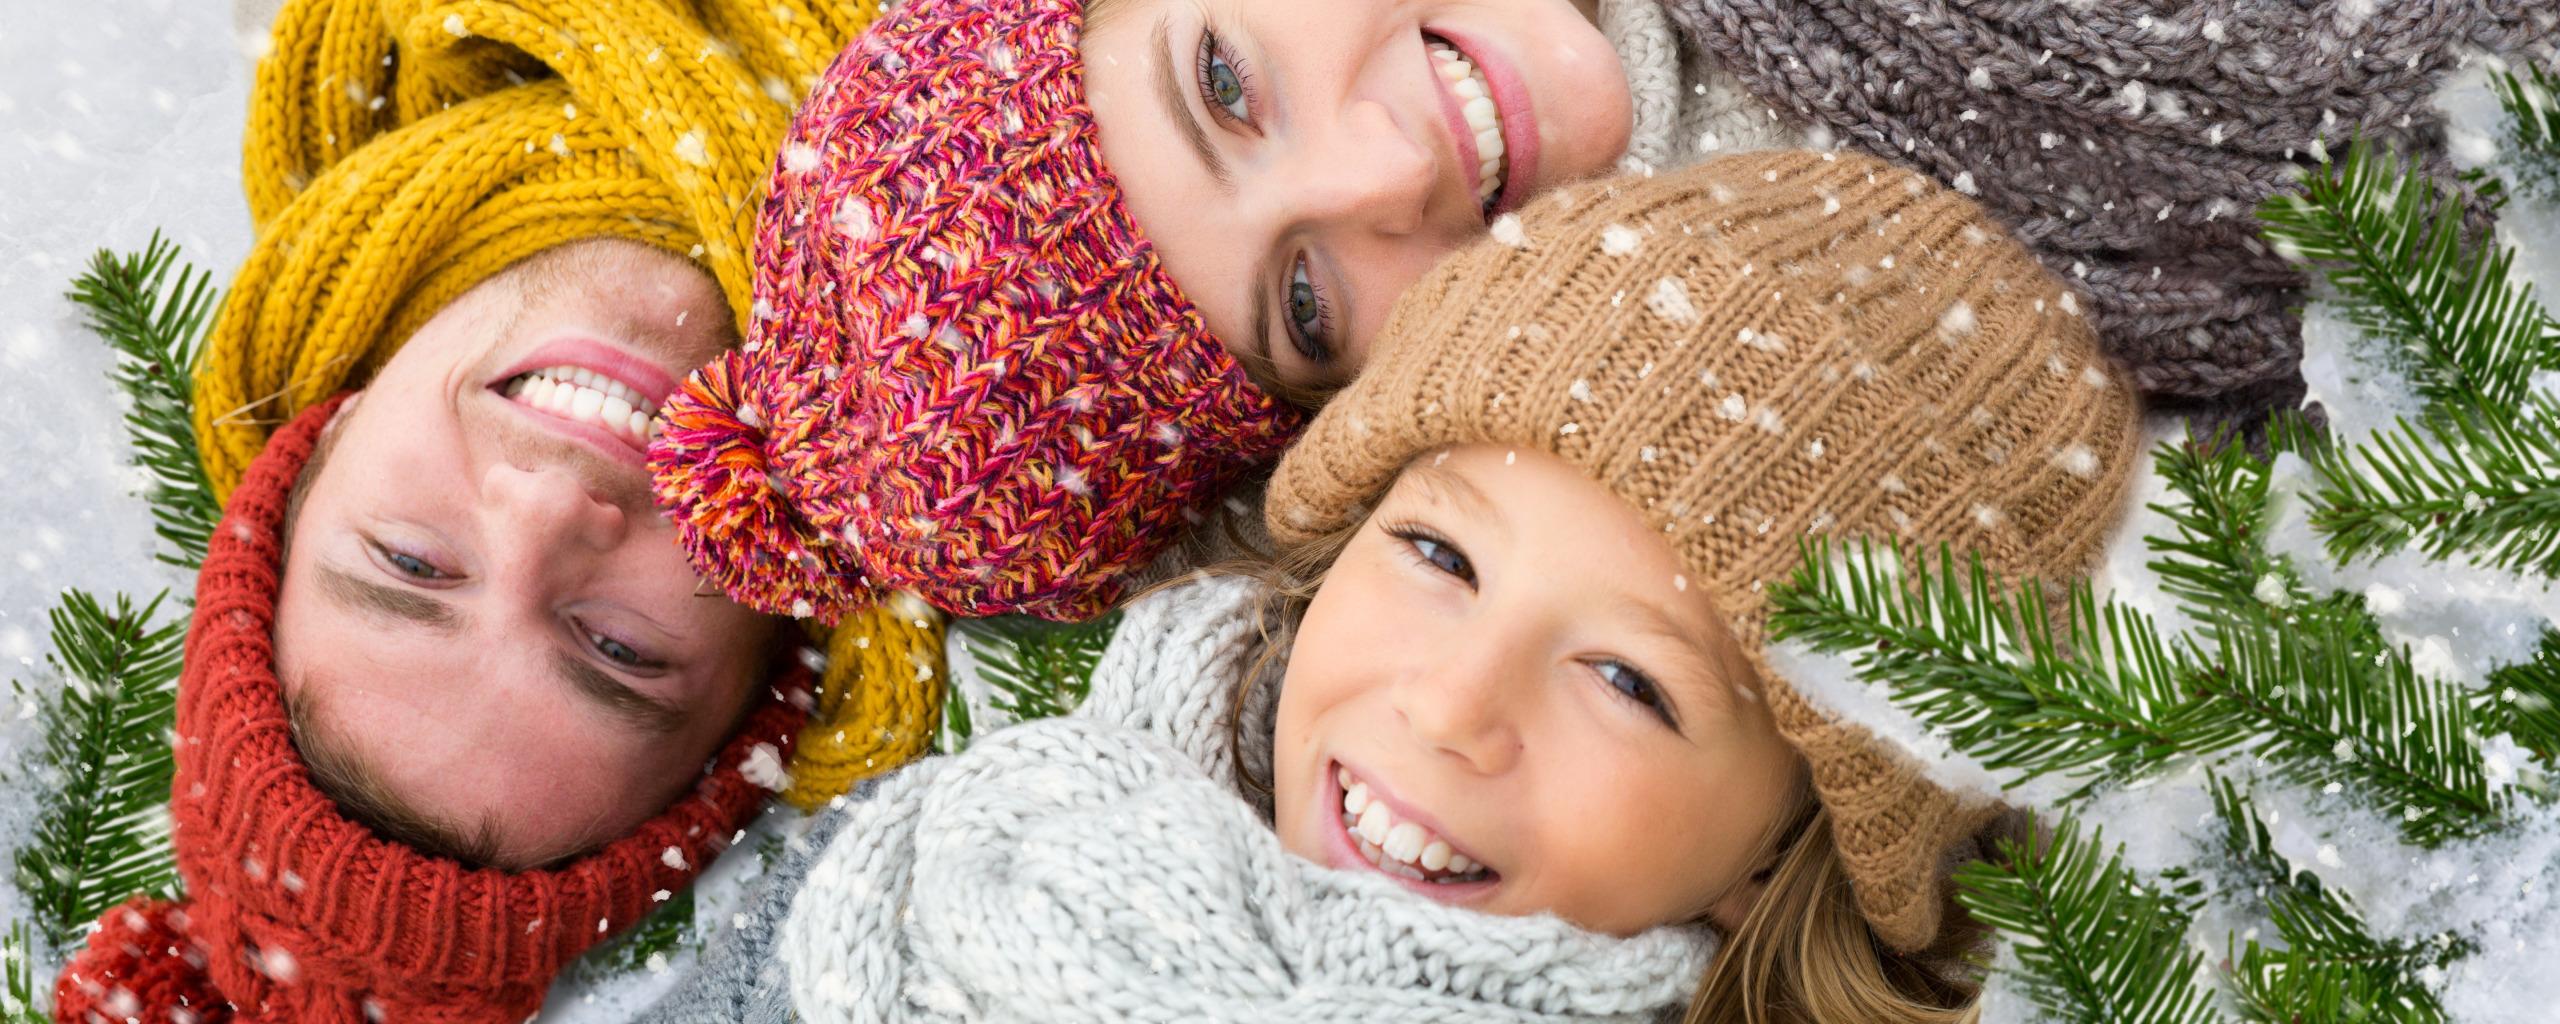 новогодние картинки люди в снегу сегодня торжество наполнится